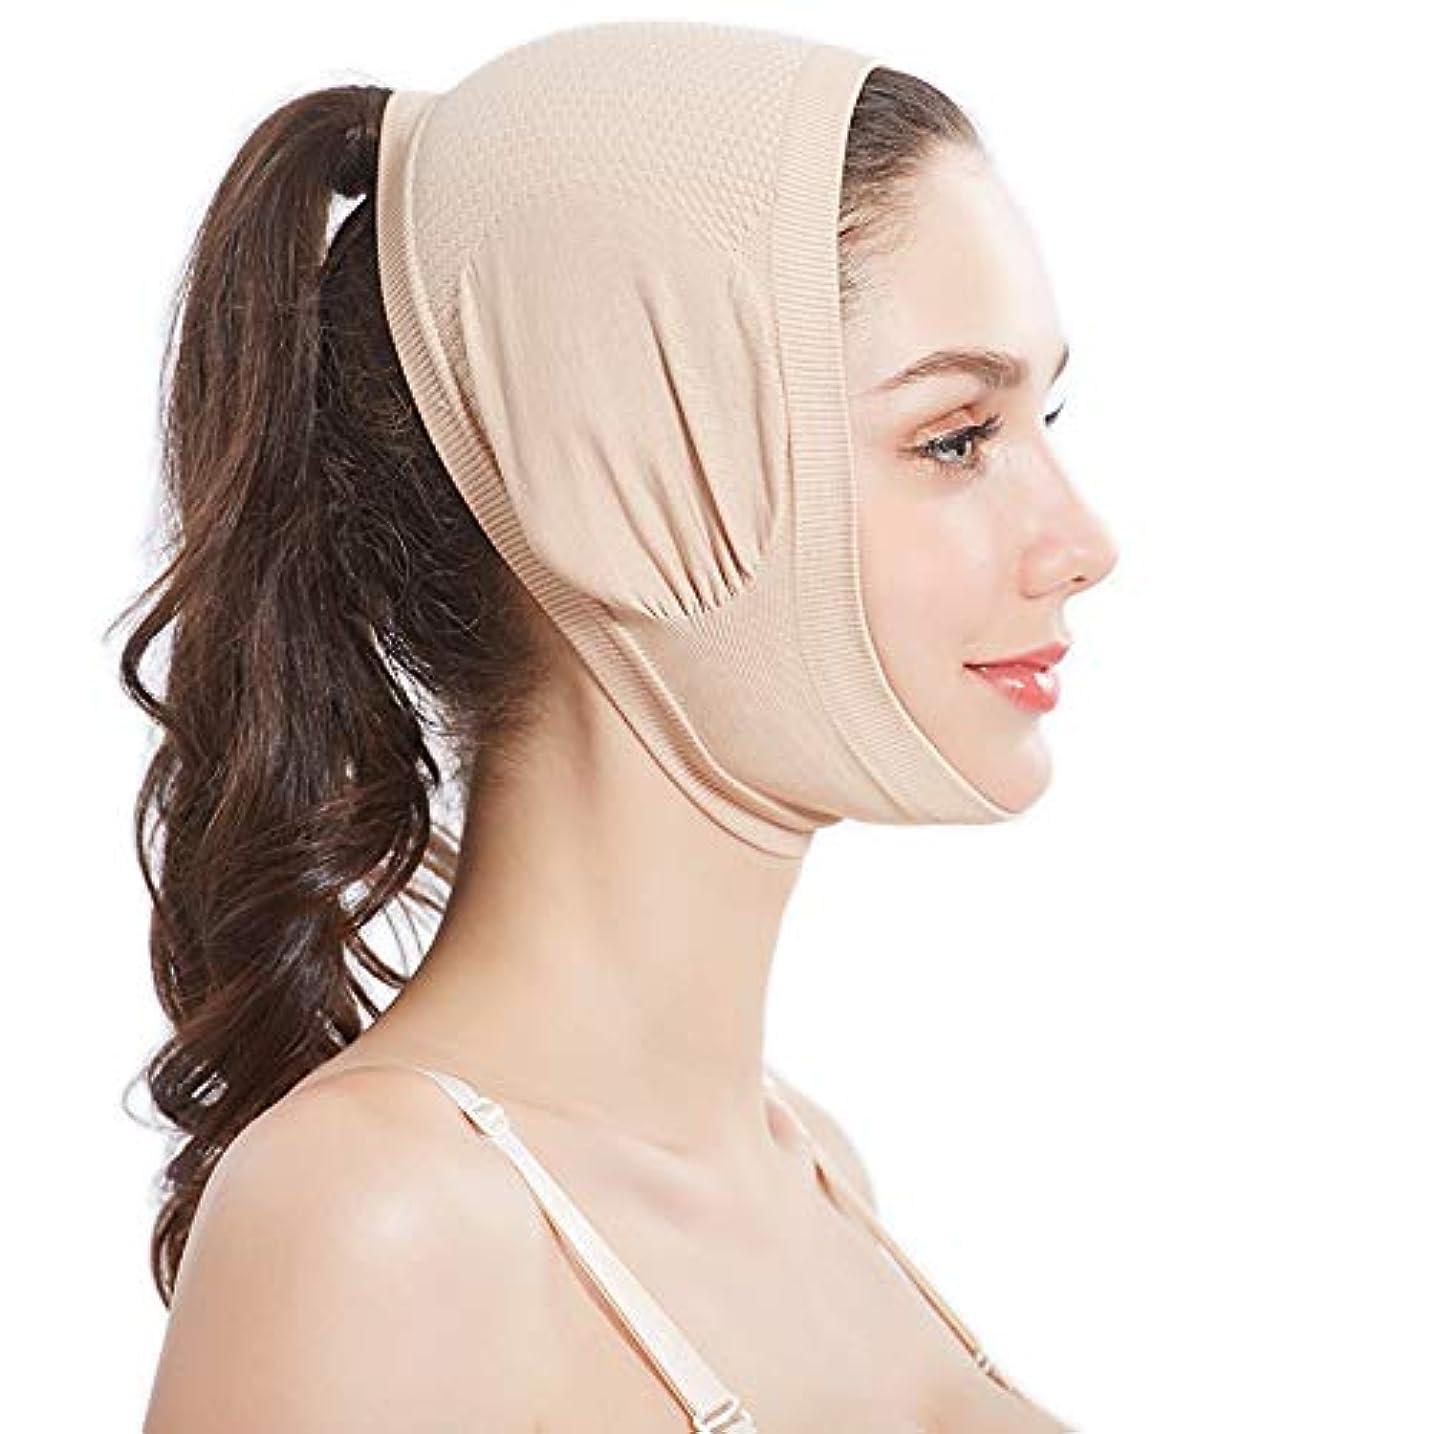 用心する評価変位痩身チークマスク、抗ストレスウェルネスマスク、スリム顔、滑らかな通気性の圧縮あご細いストラップ V フェースラインリフトアップベルトバンド,Flesh